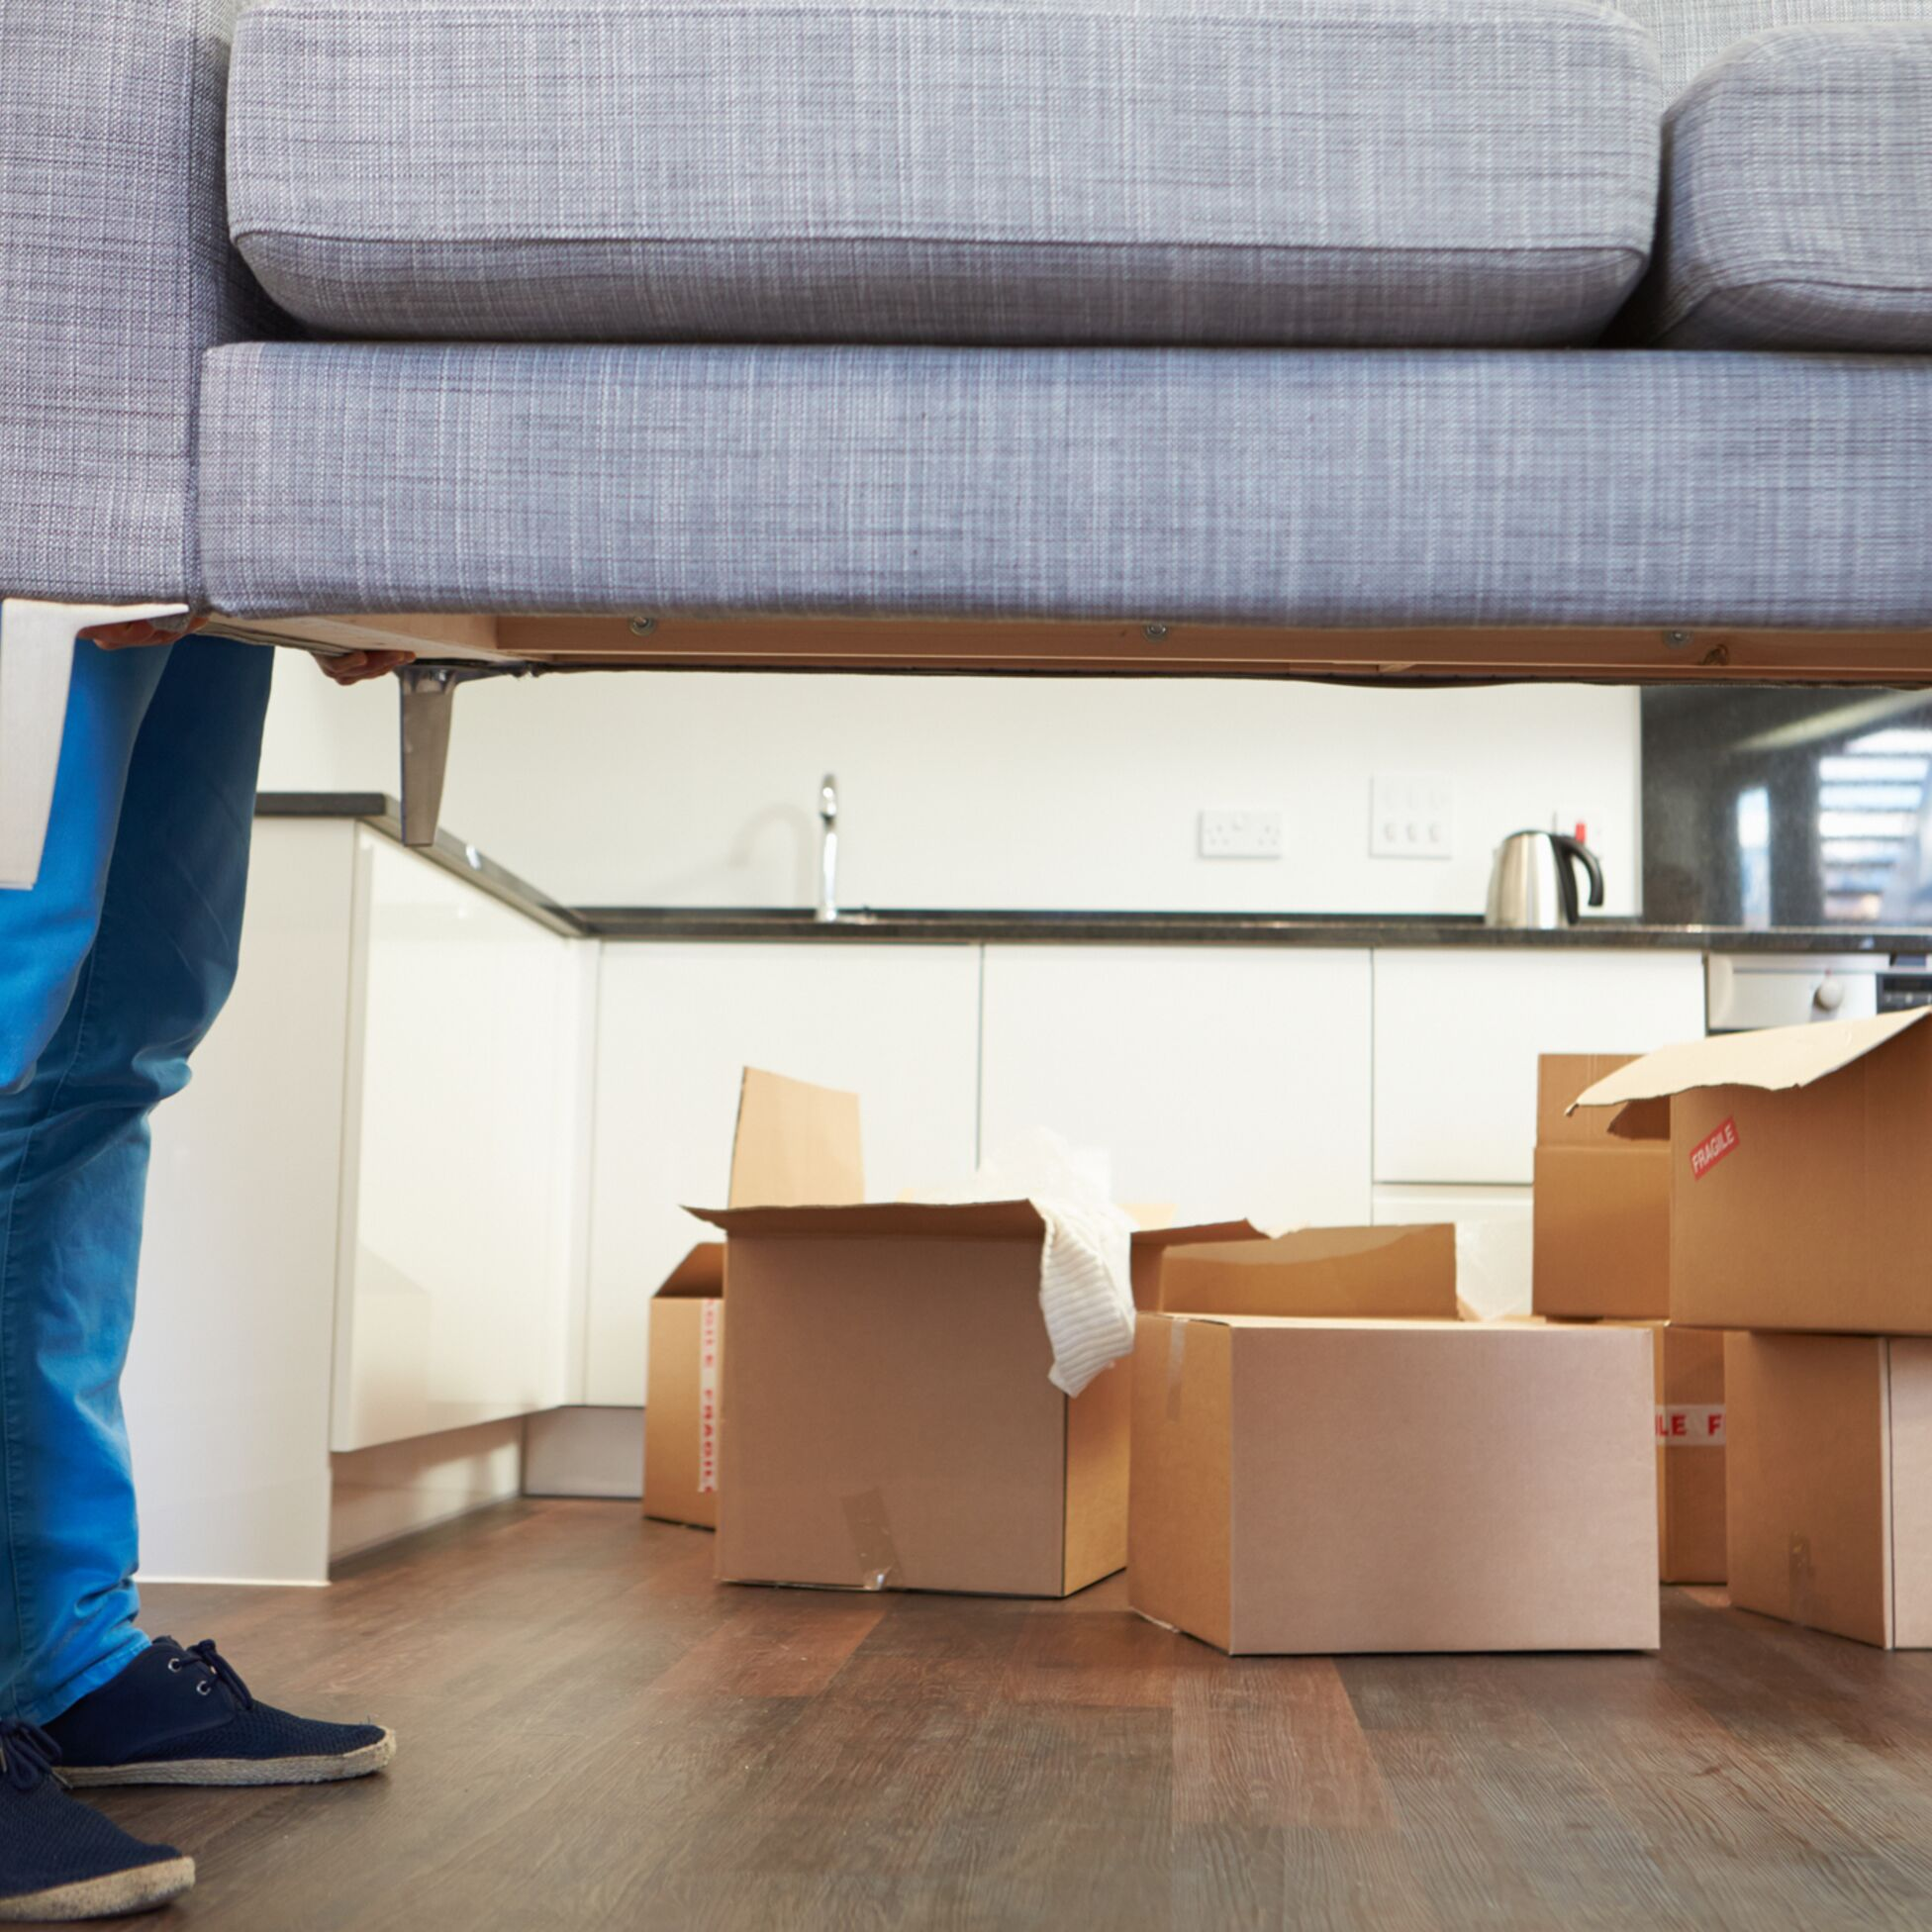 Umzugshelfer tragen Sofa aus der Wohnung im Hintergrund stehen Umzugskartons